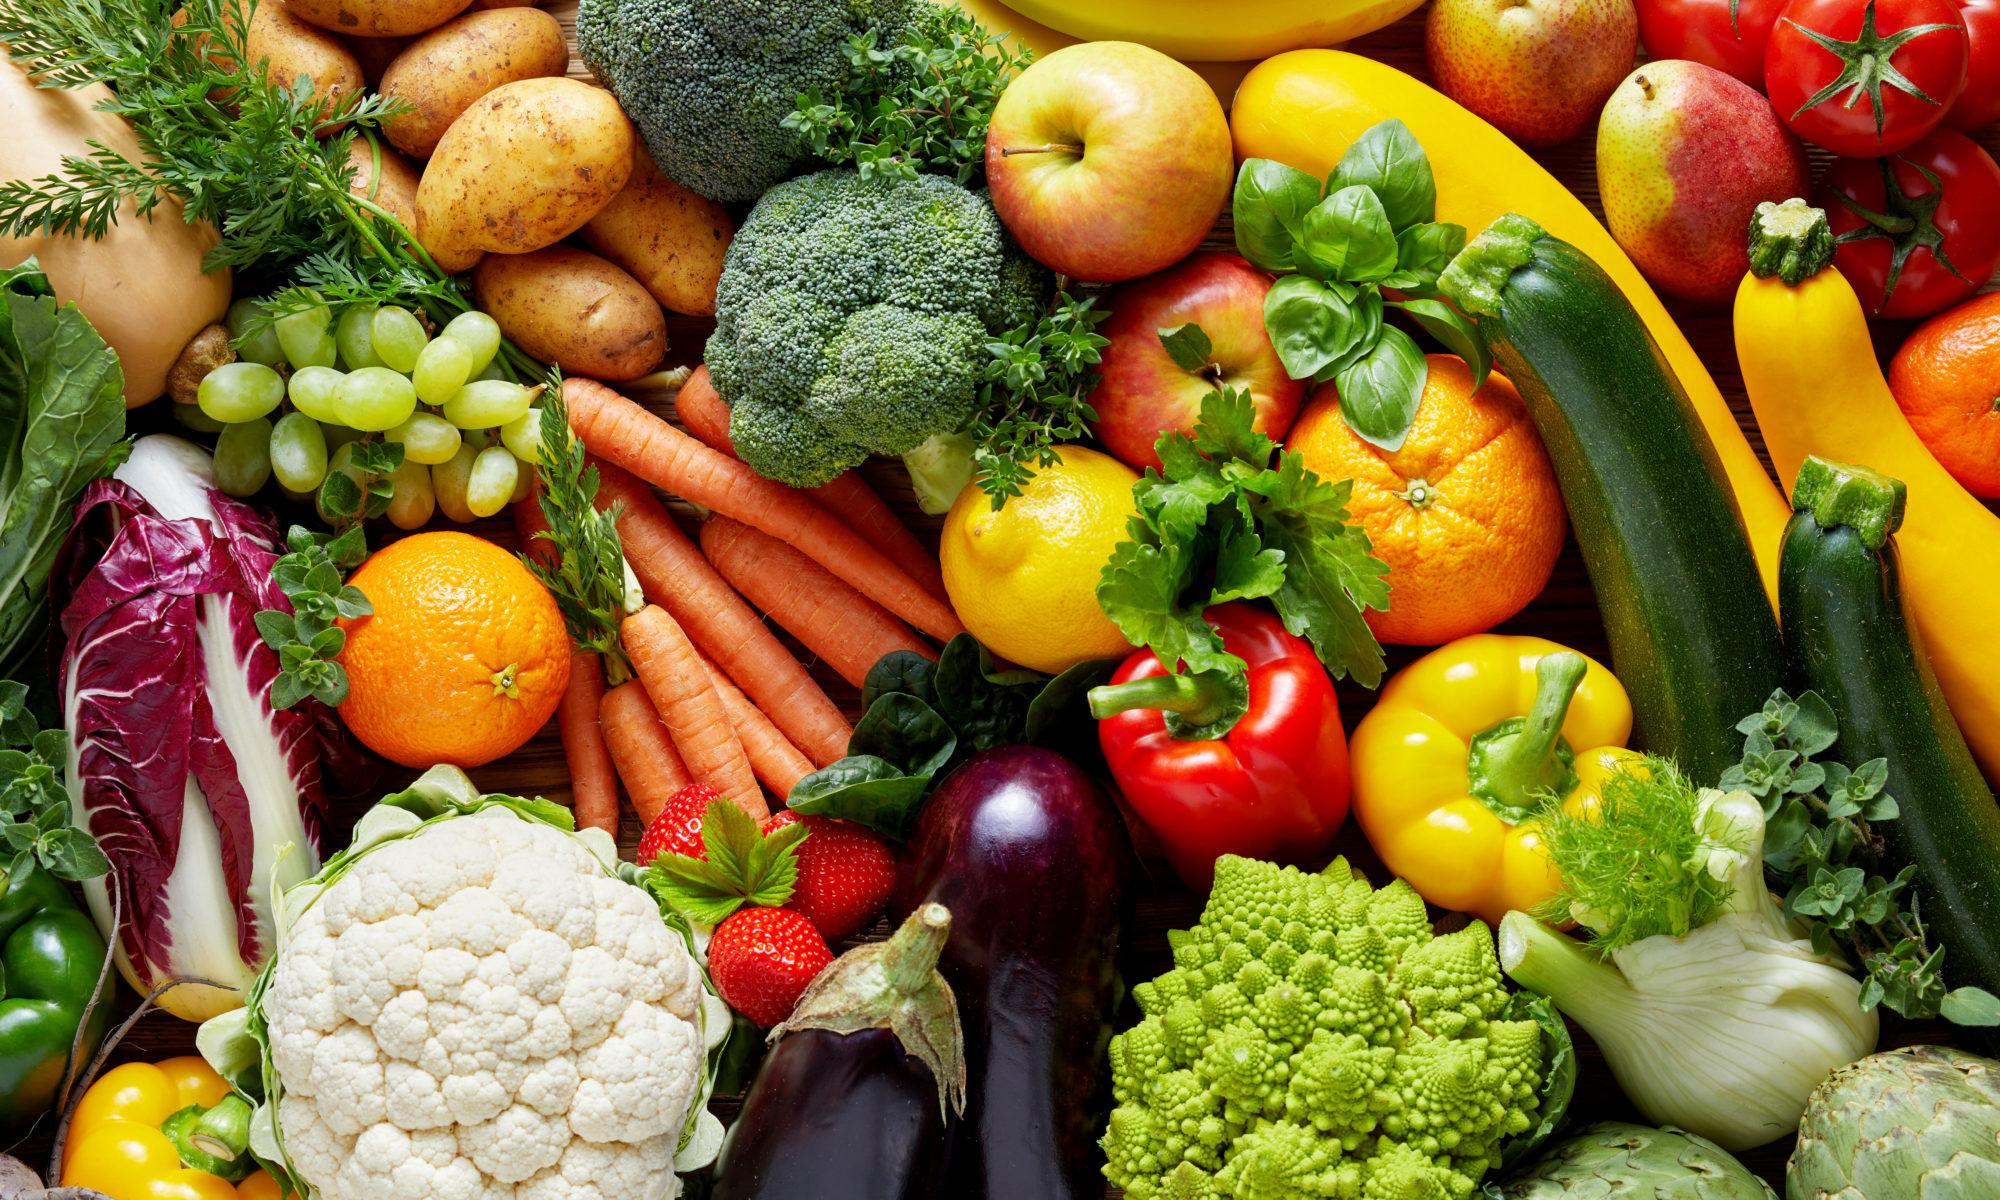 AdobeStock 147516063 2000x1200 - Sozialverband warnt: Gemüse wird zu Luxusgut für Menschen in Hartz IV